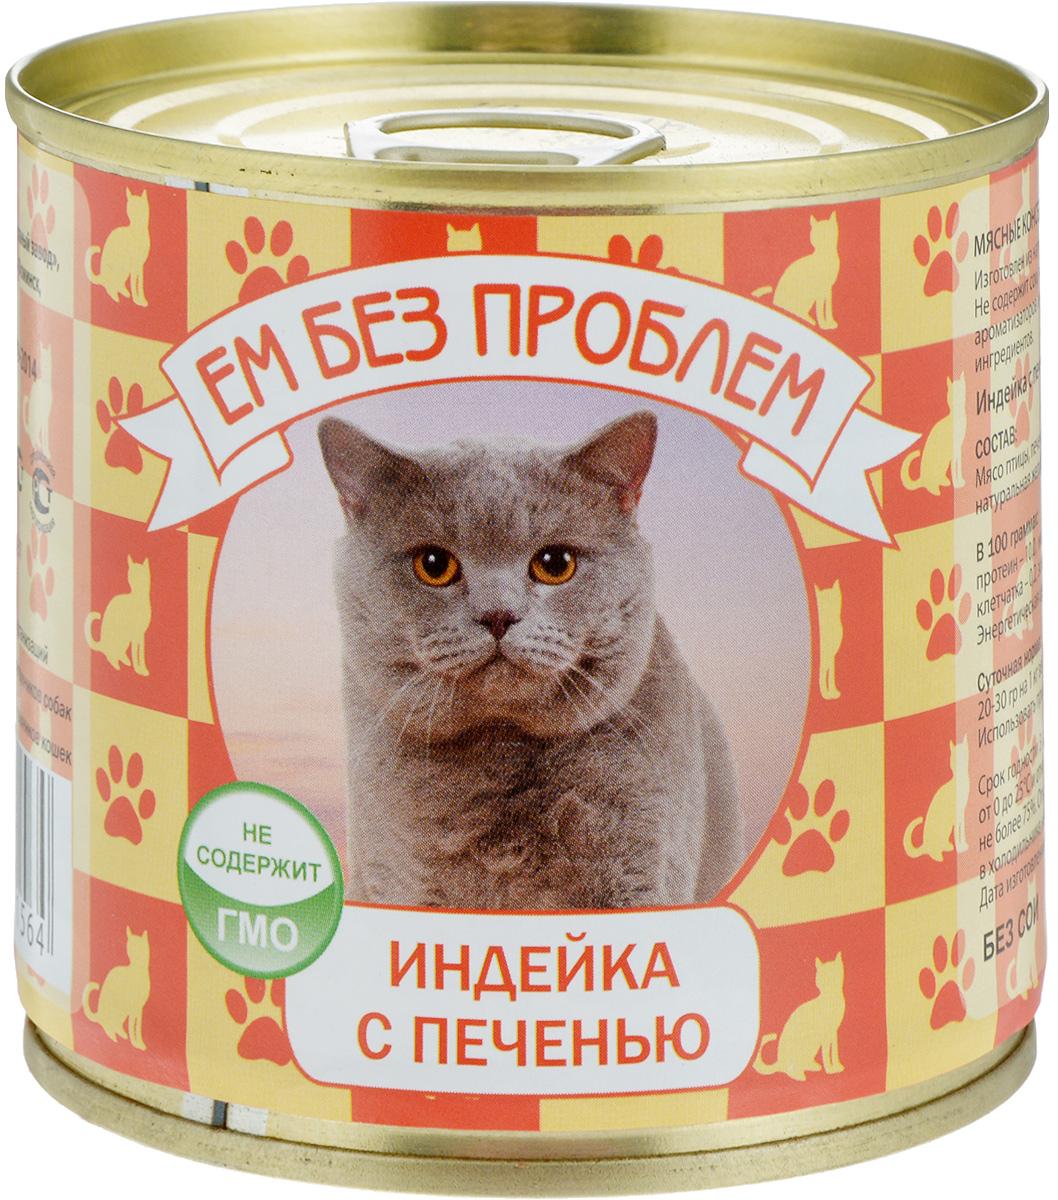 Консервы для кошек Ем без проблем, индейка с печенью, 250 г00-00001442Мясные консервы для кошек Ем без проблем изготовлены из натурального российского мяса. Не содержат сои, консервантов, красителей, ароматизаторов и генномодифицированных ингредиентов. Корм полностью удовлетворяет ежедневные энергетические потребности животного и обеспечивает оптимальное функционирование пищеварительной системы. Консервы Ем без проблем рекомендуется смешивать с кашами и овощами.Товар сертифицирован.